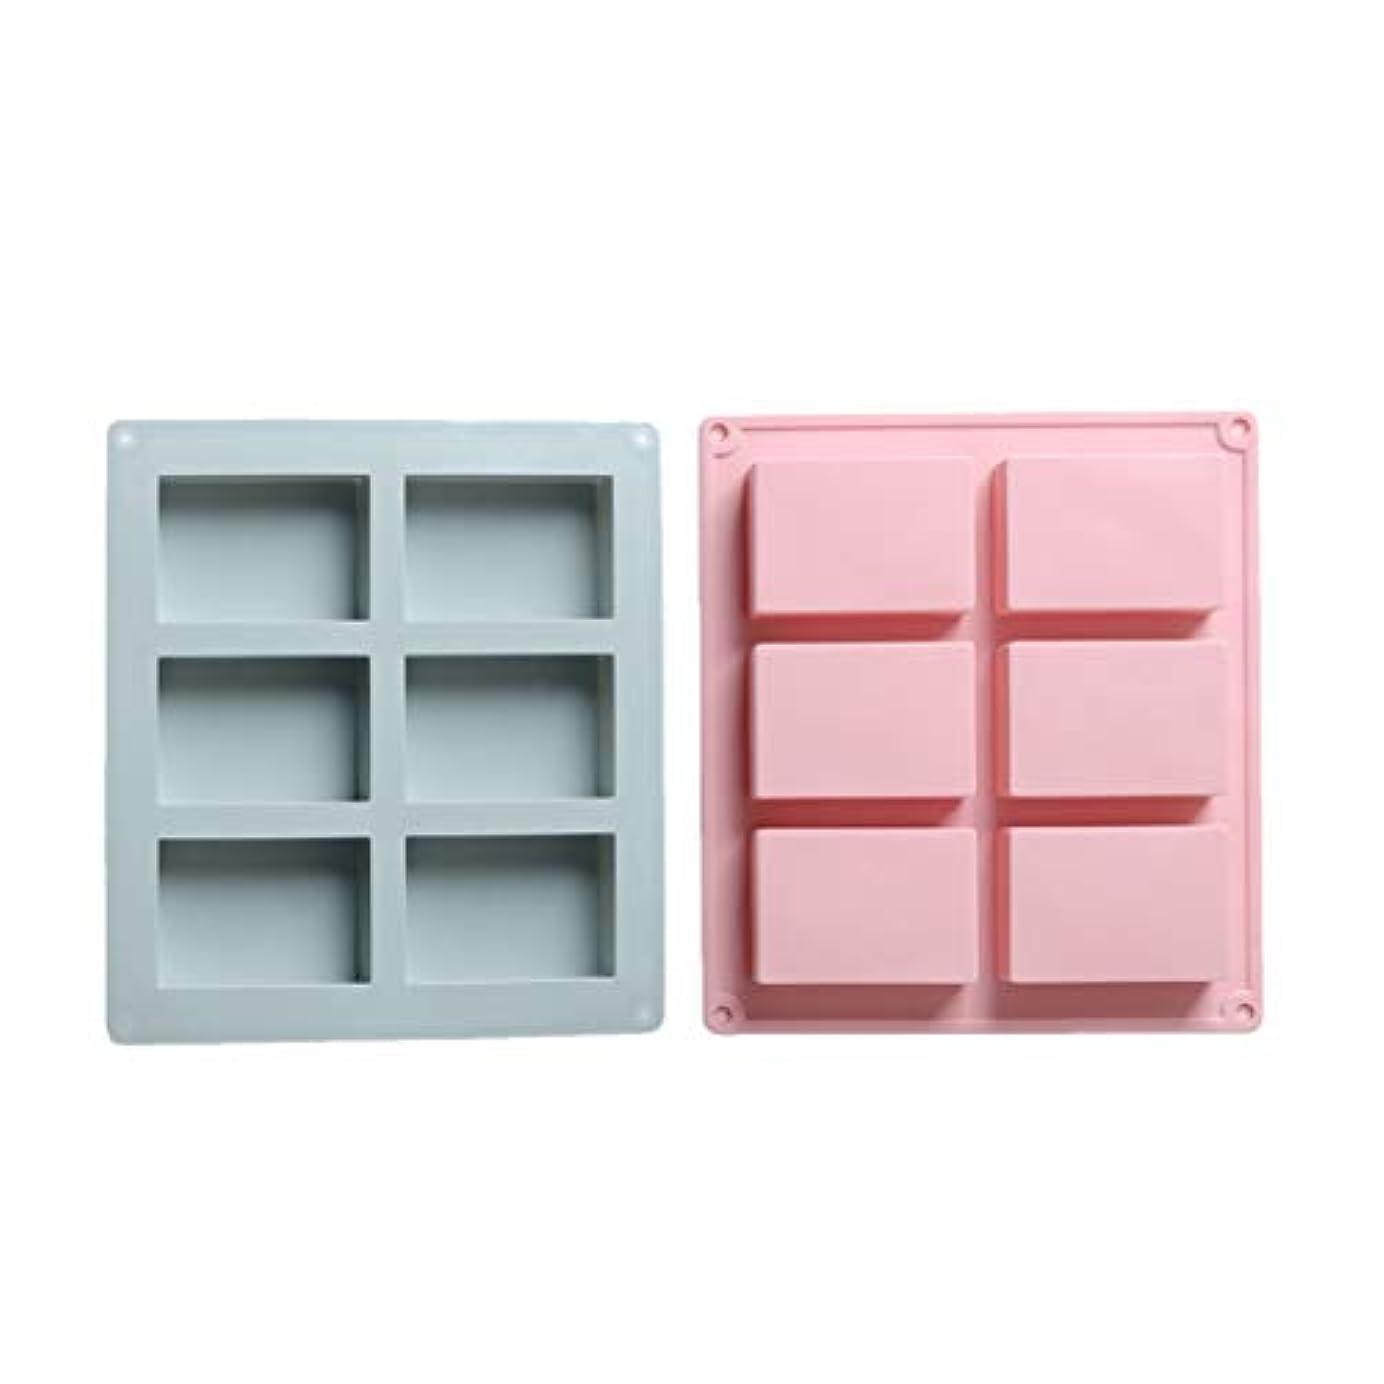 賛美歌プラットフォーム今日SUPVOX シリコン長方形モールドソープチョコレートキャンドルとゼリーブラウン2個(青とピンク)を作るための6つのキャビティ